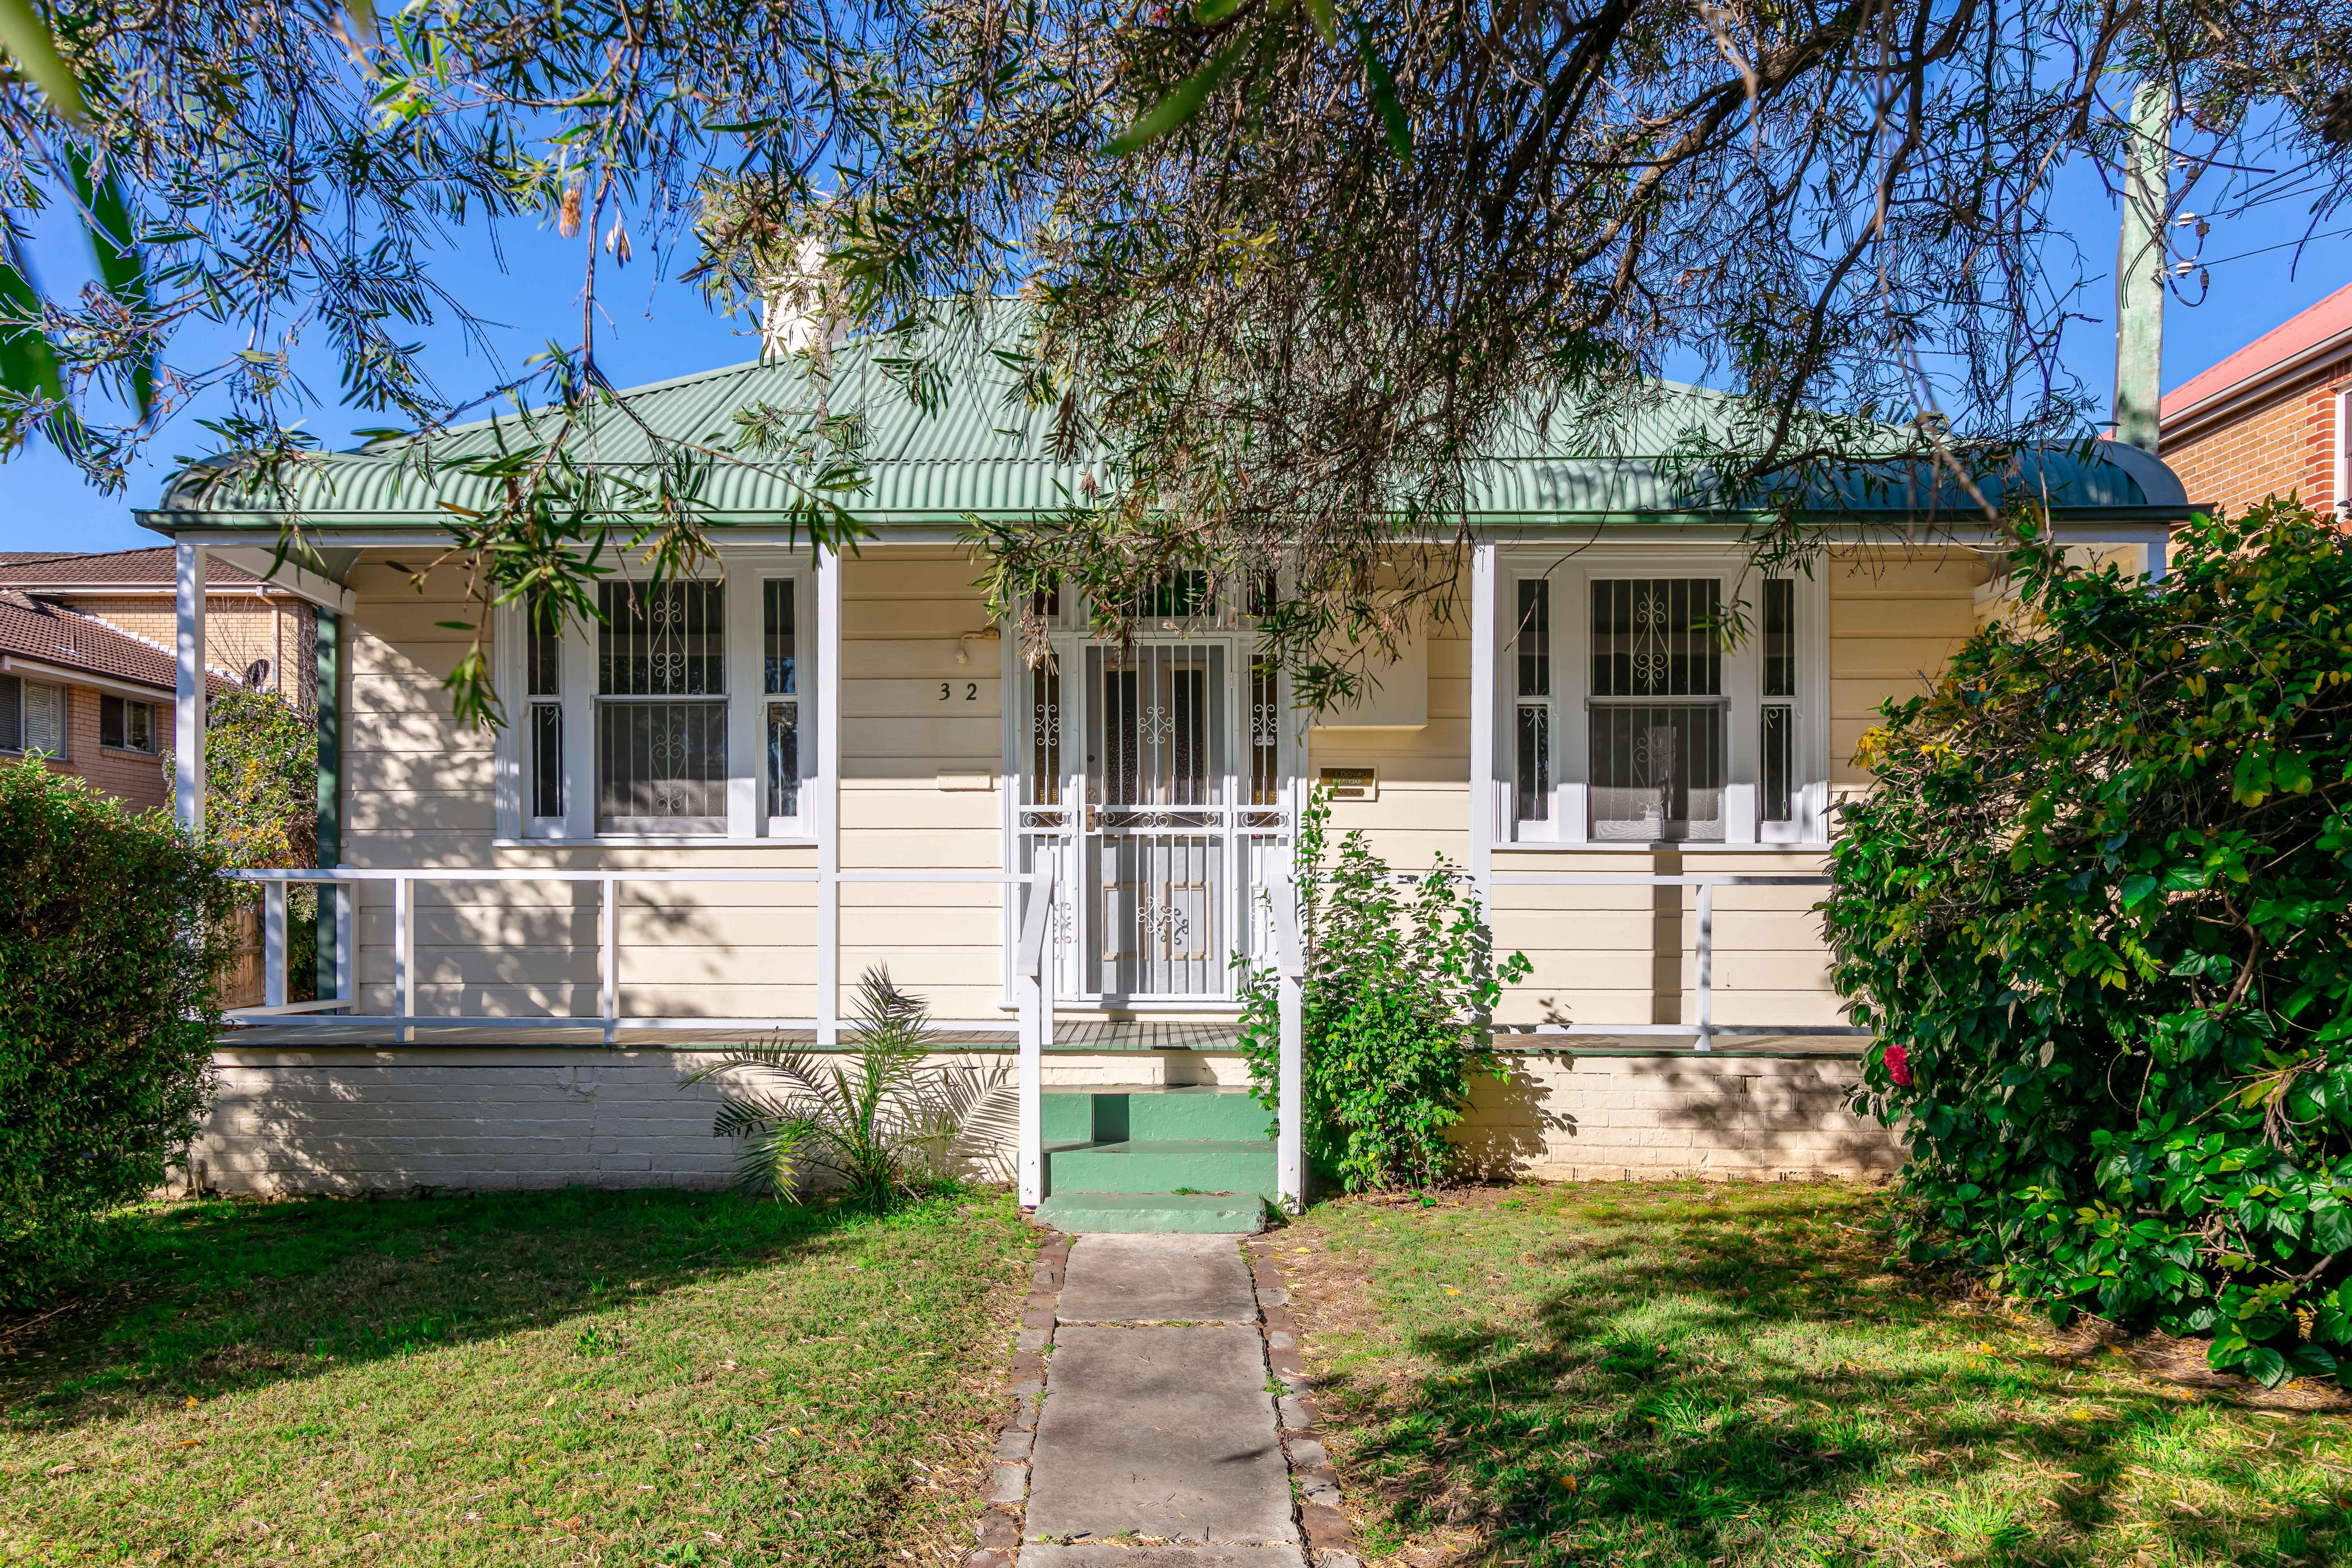 https://www.propertybuyer.com.au/hubfs/commercial front   adrian sheen.jfif